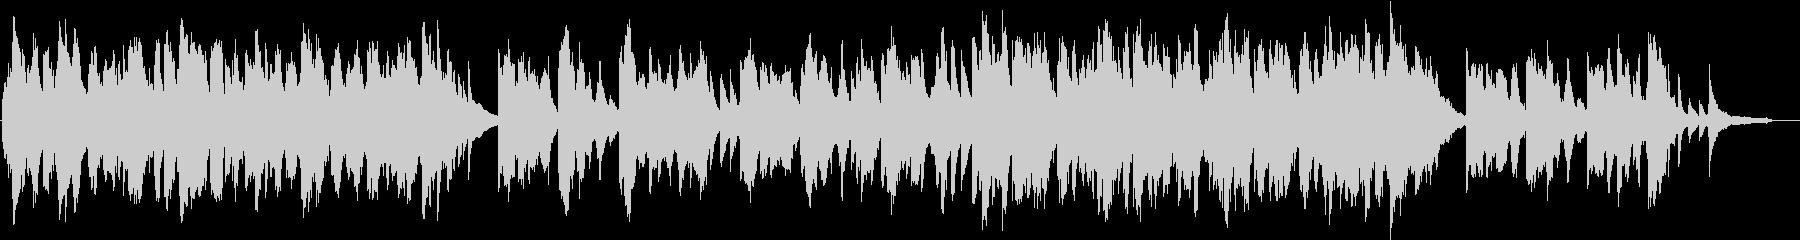 二胡とピアノのしっとりと切ないBGMの未再生の波形